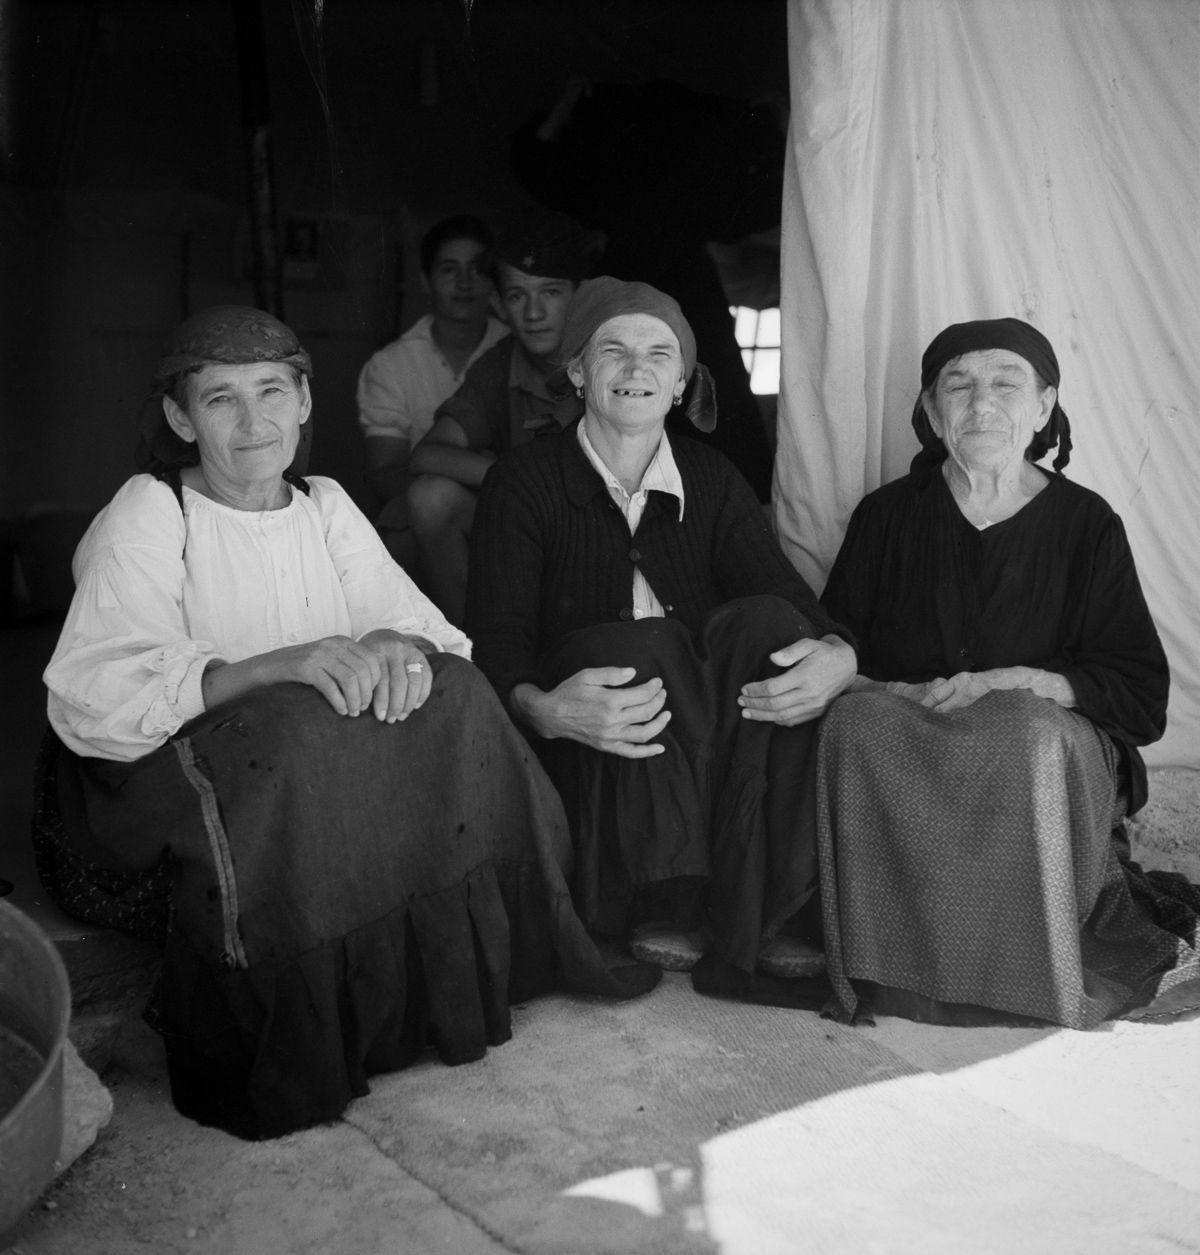 Quando os refugiados fugiram da Europa devastada pela guerra buscando paraísos no Oriente Médio 11